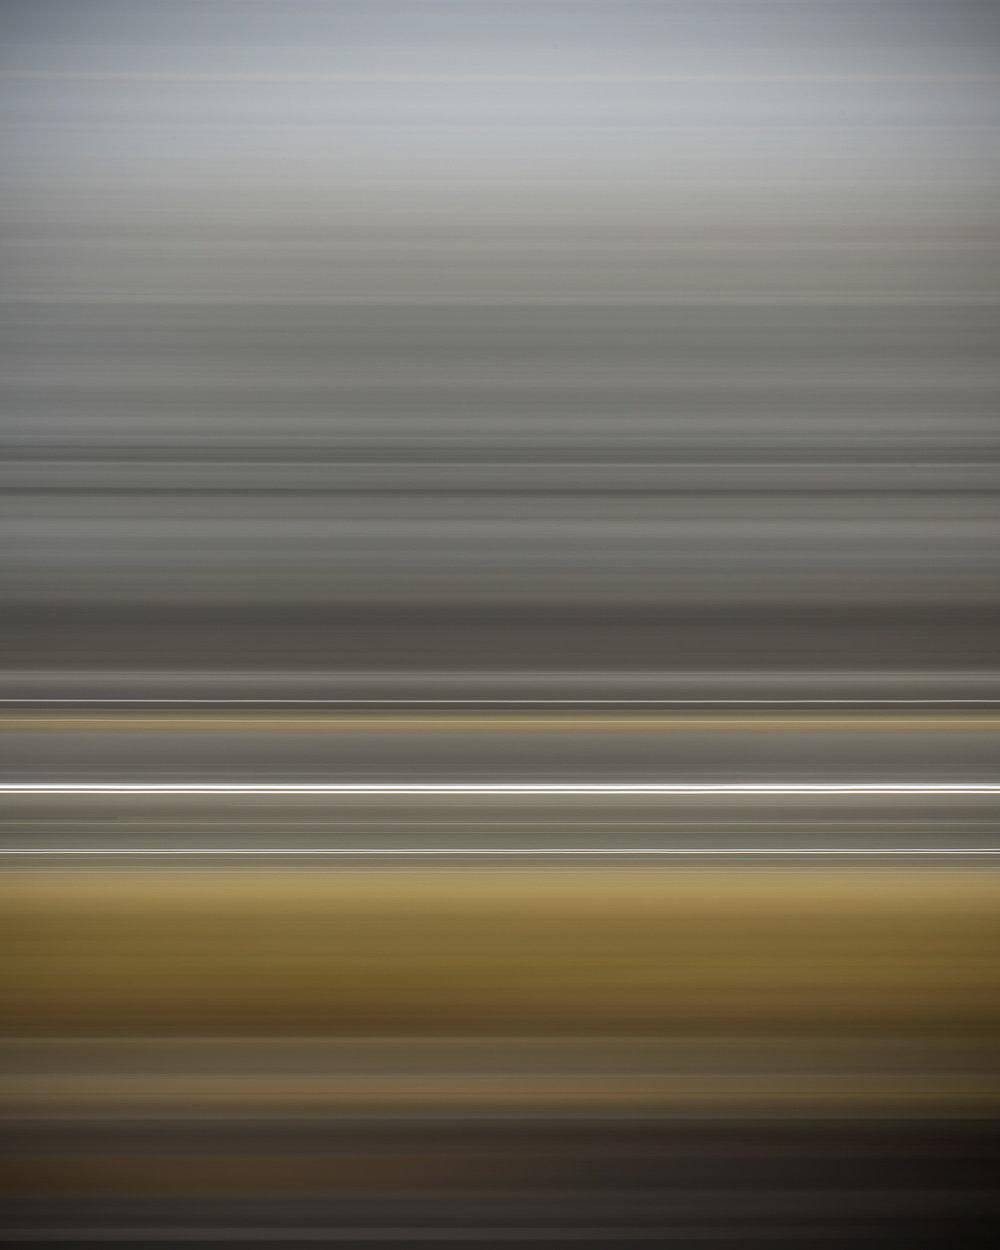 horizons-7435.jpg